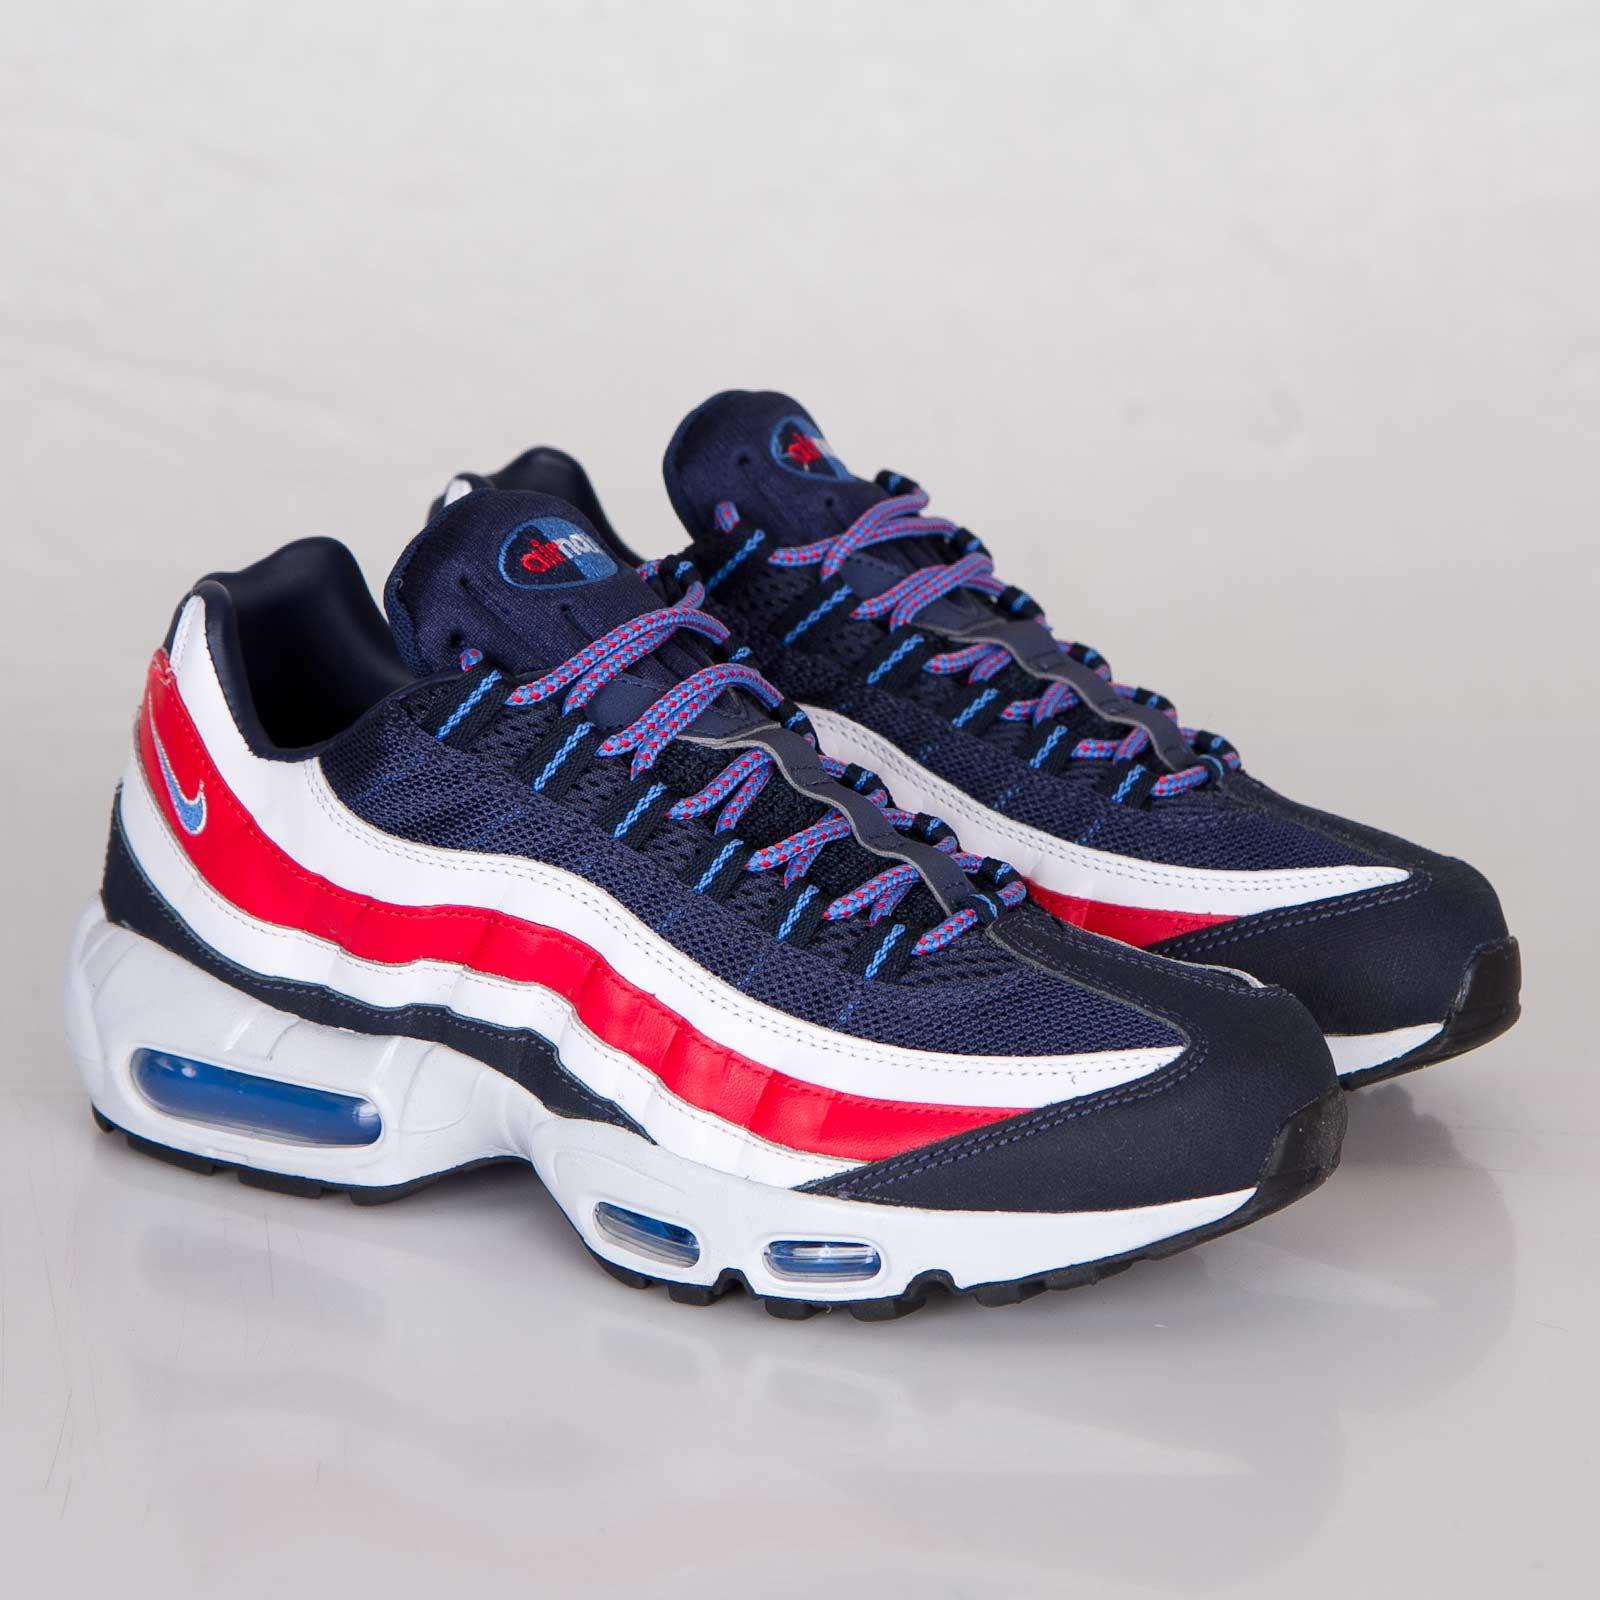 667637 400 Nike Air Max 95 City QS England London